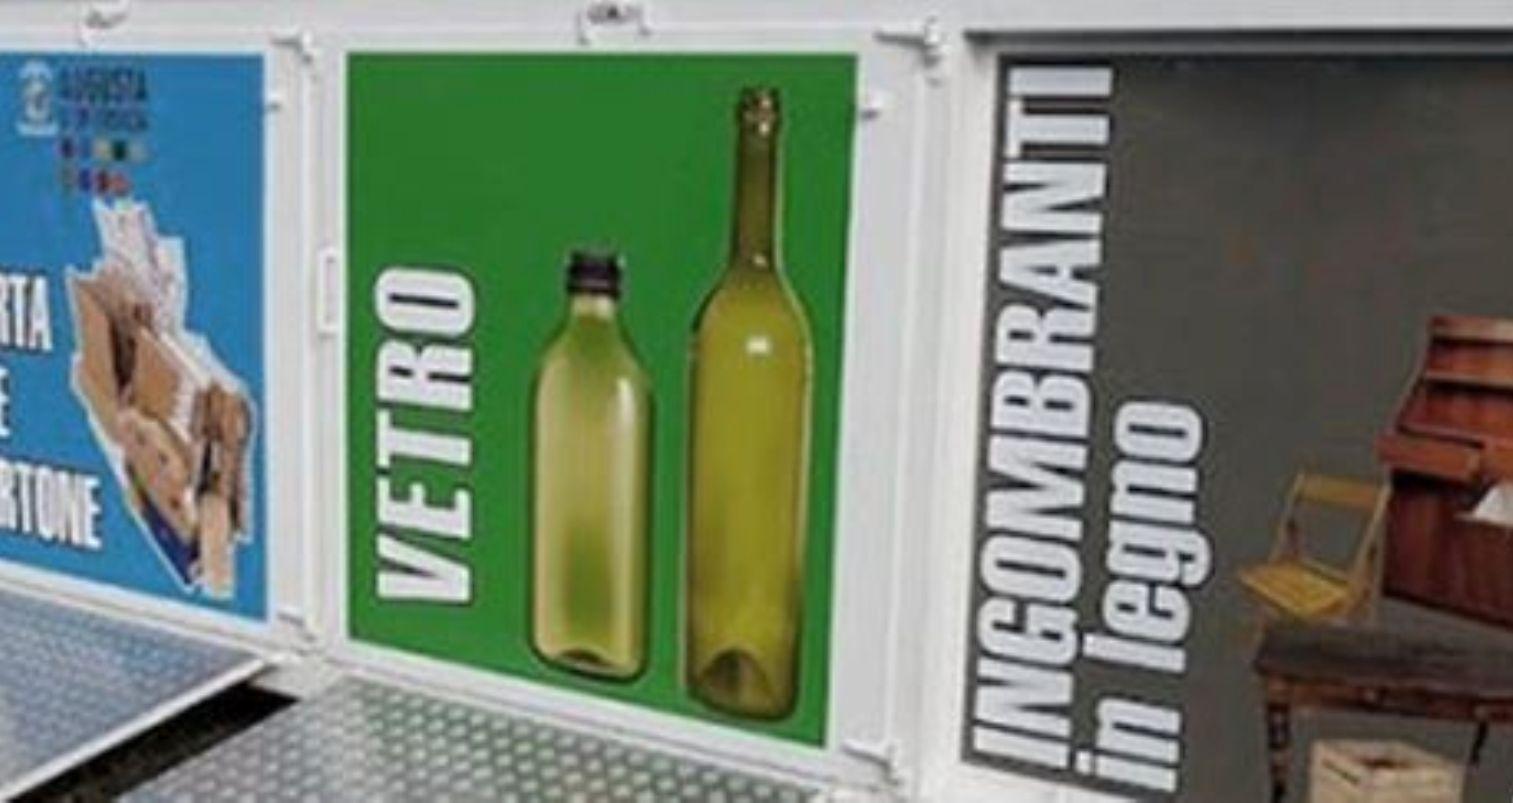 Modica, riparte da mercoledì 27 il centro raccolta mobile in contrada Michelica